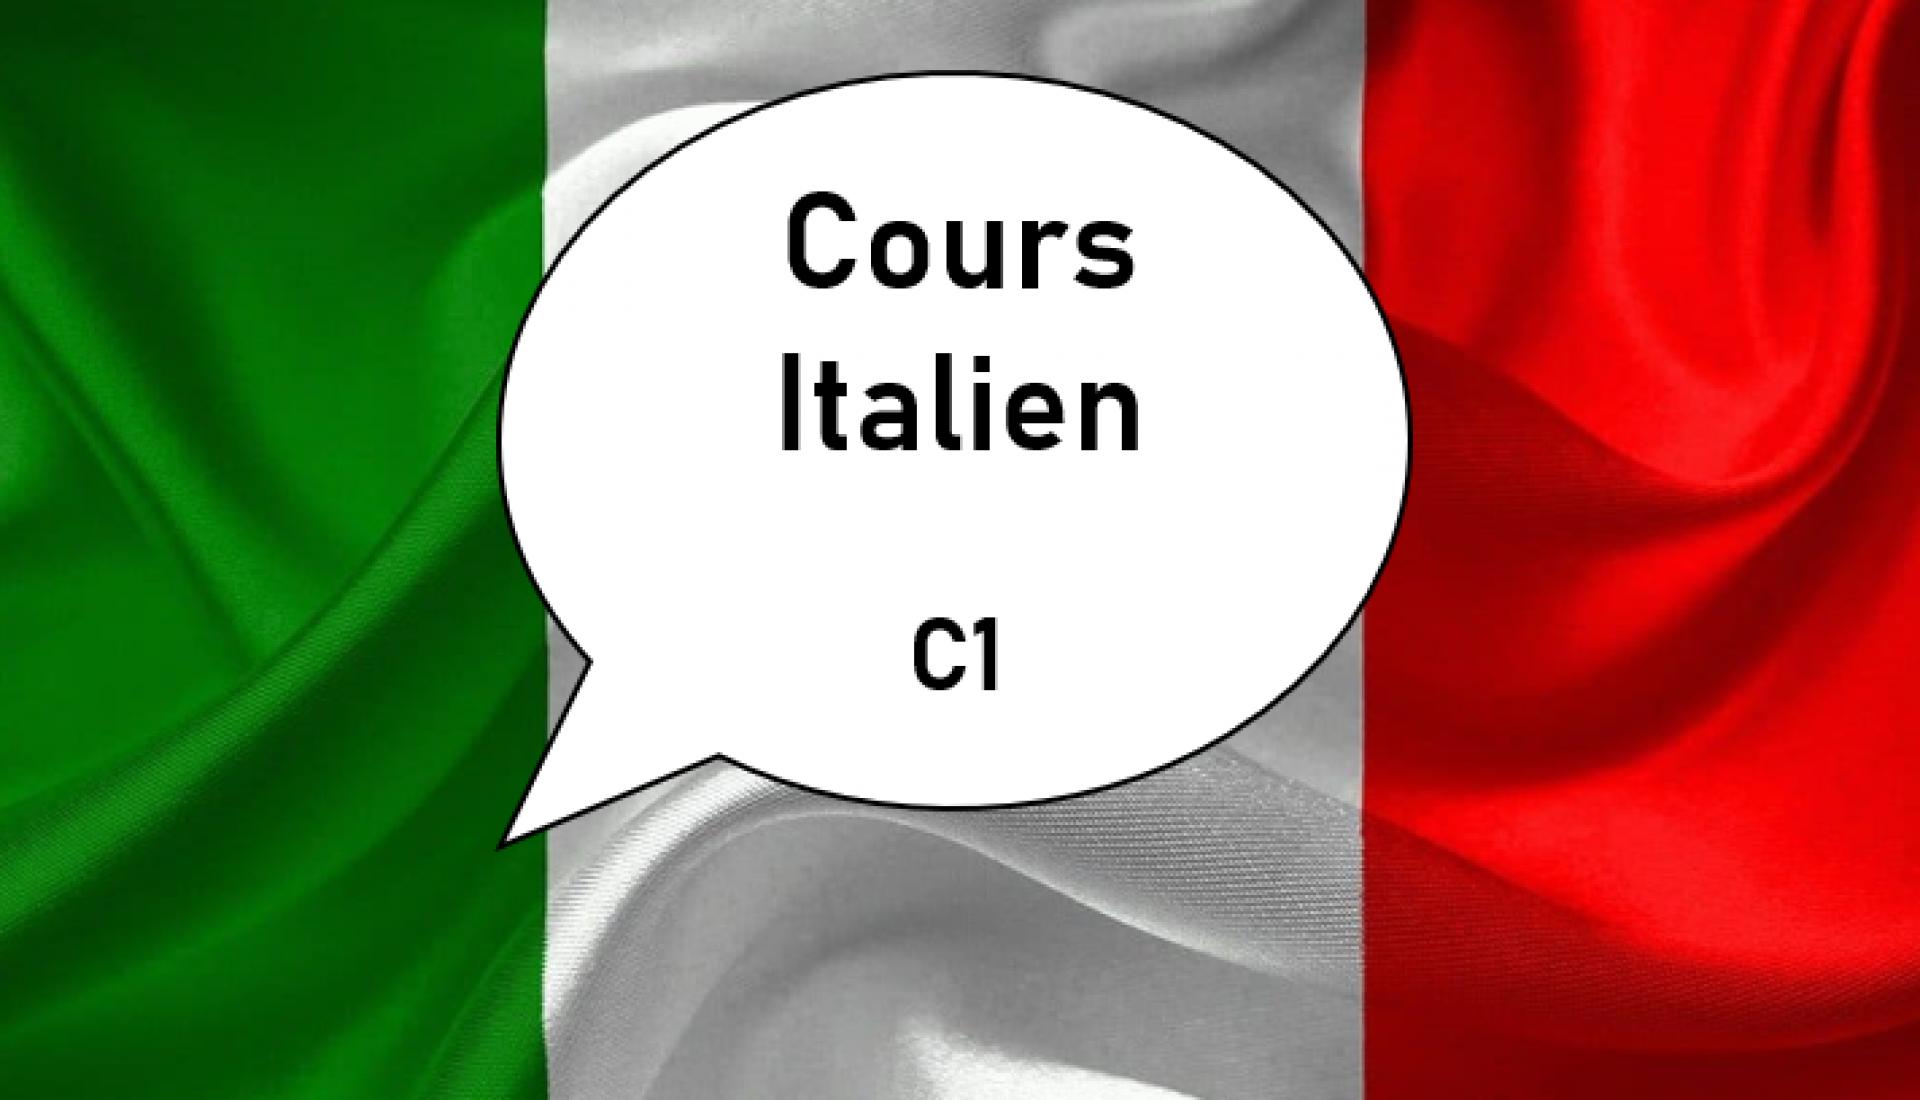 Italien C1